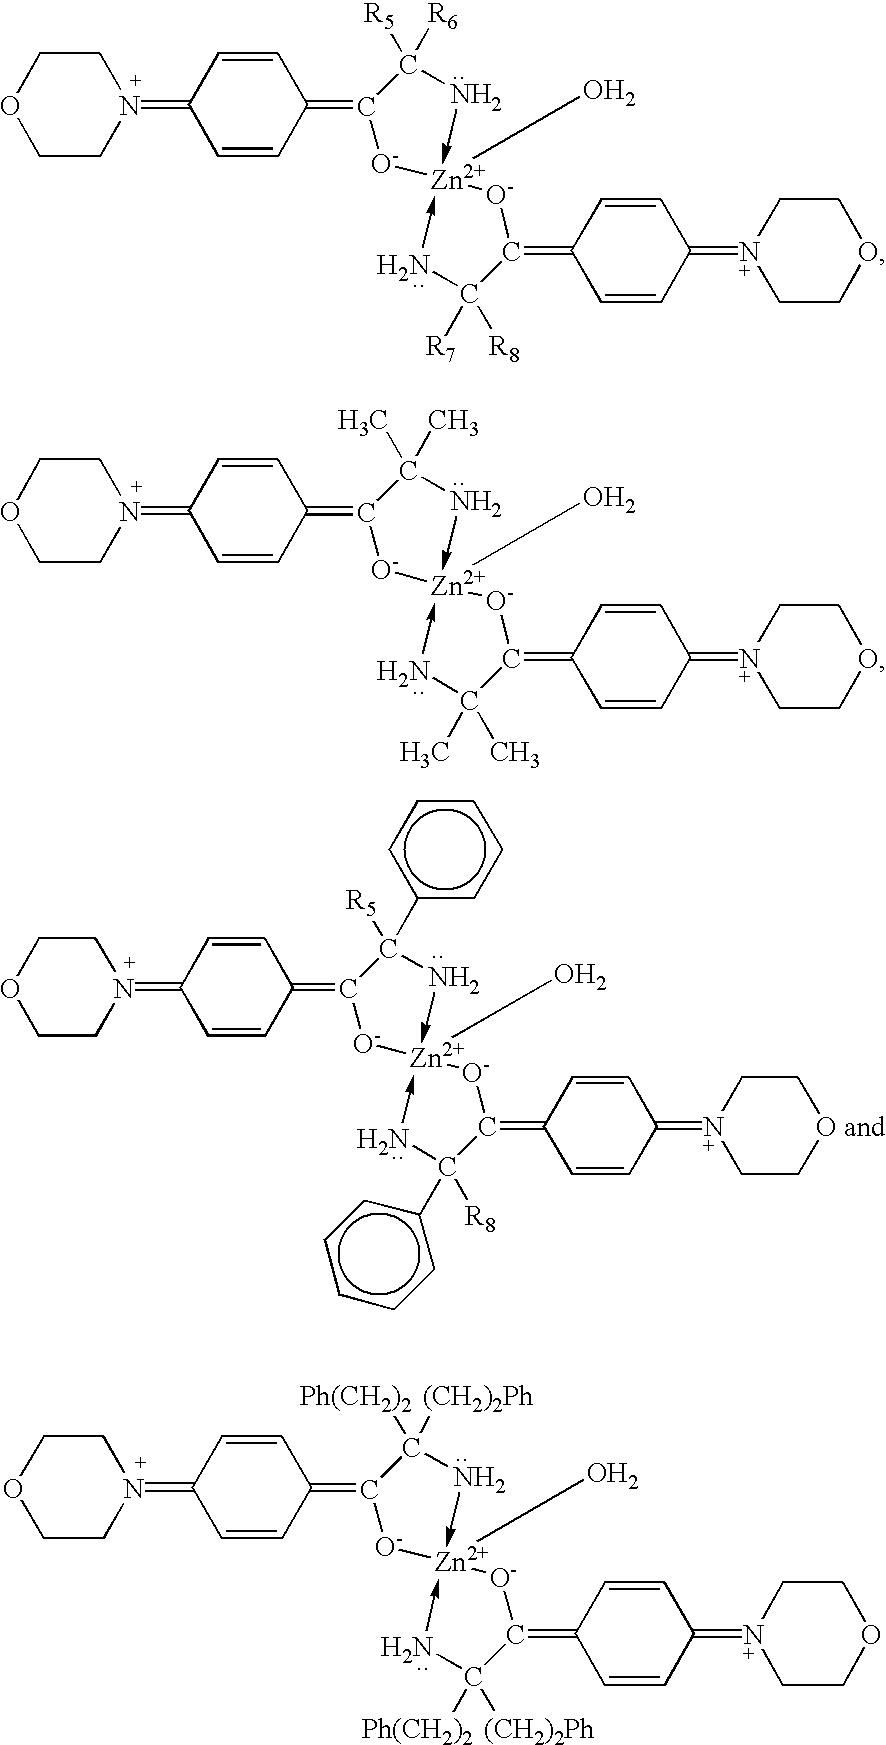 Figure US06486227-20021126-C00009